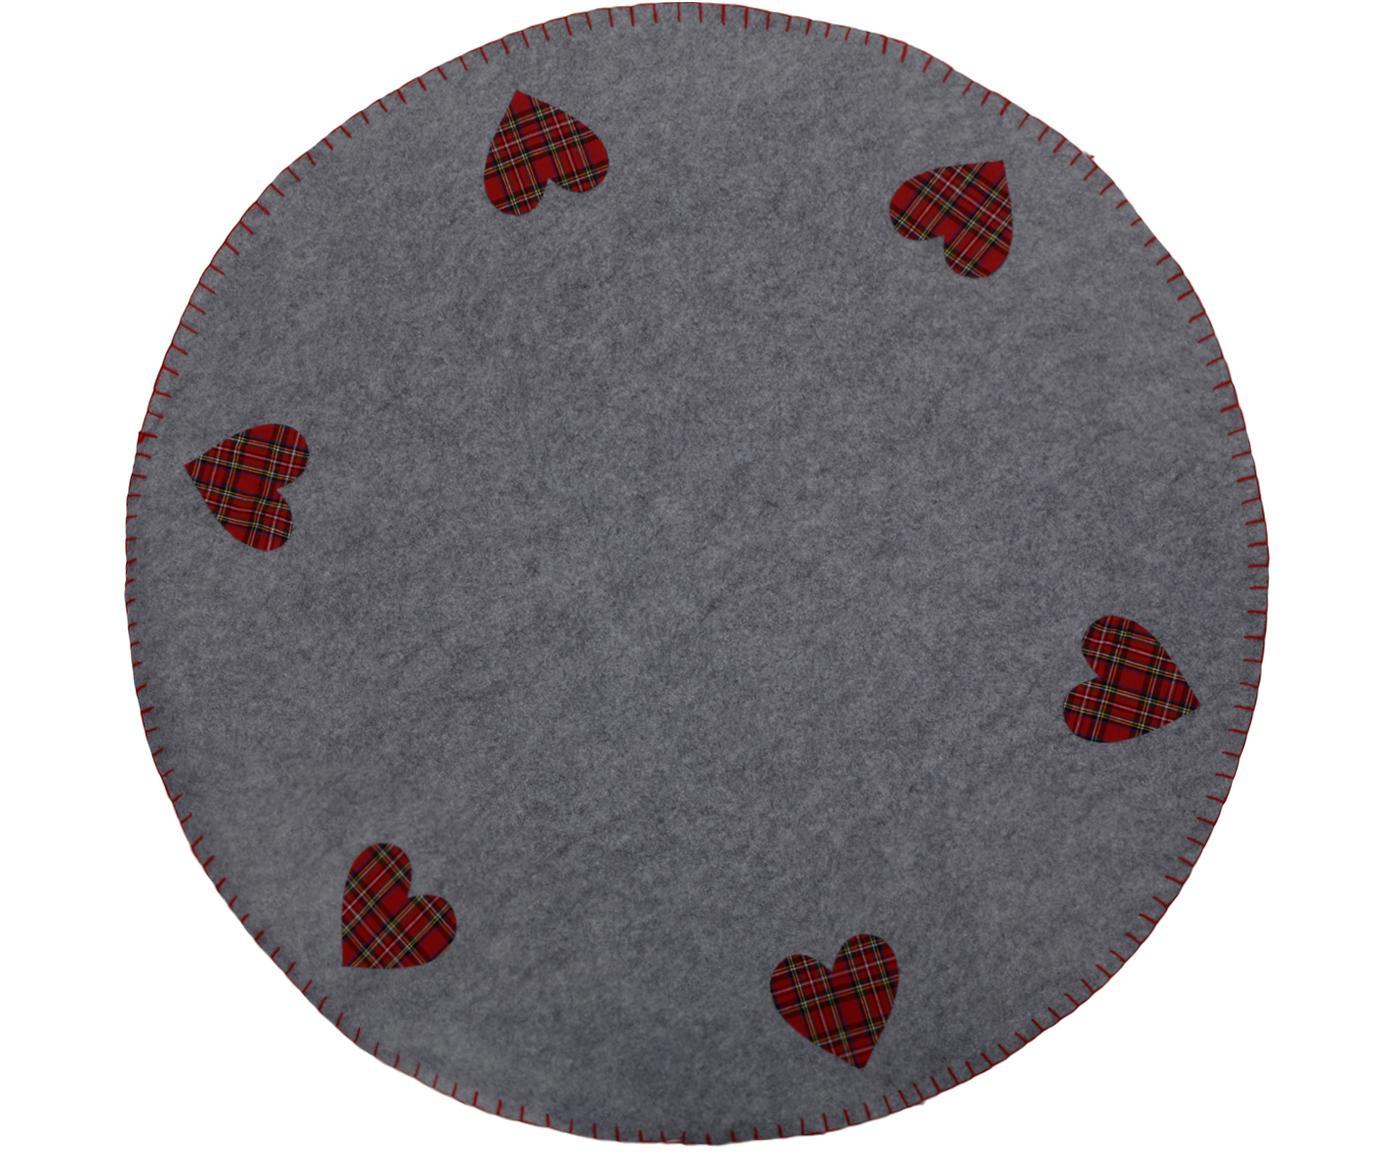 Sotto tappeto per albero di Natale Heart, Feltro, Grigio, rosso, nero, bianco, giallo, Ø 100 cm